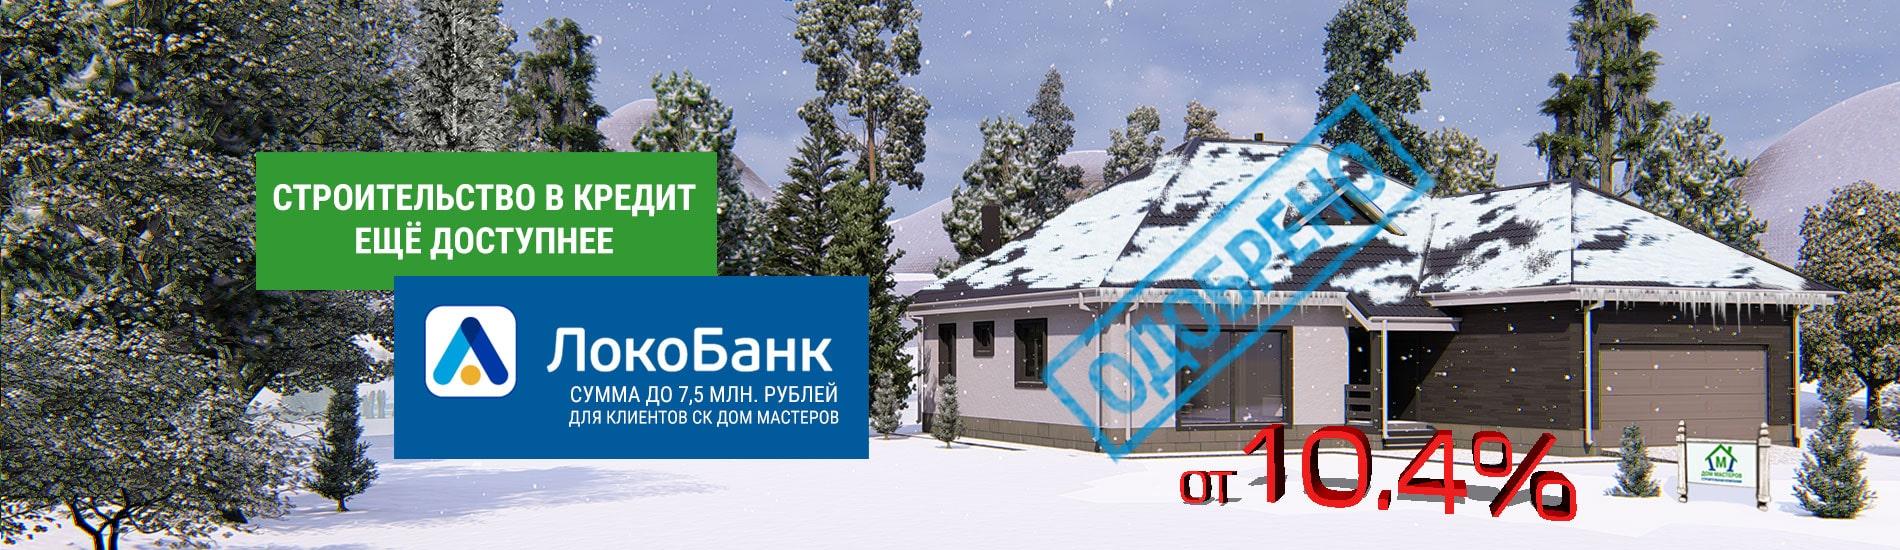 Изображение с информацией о подарке инженерных коммуникаций и изображение дома